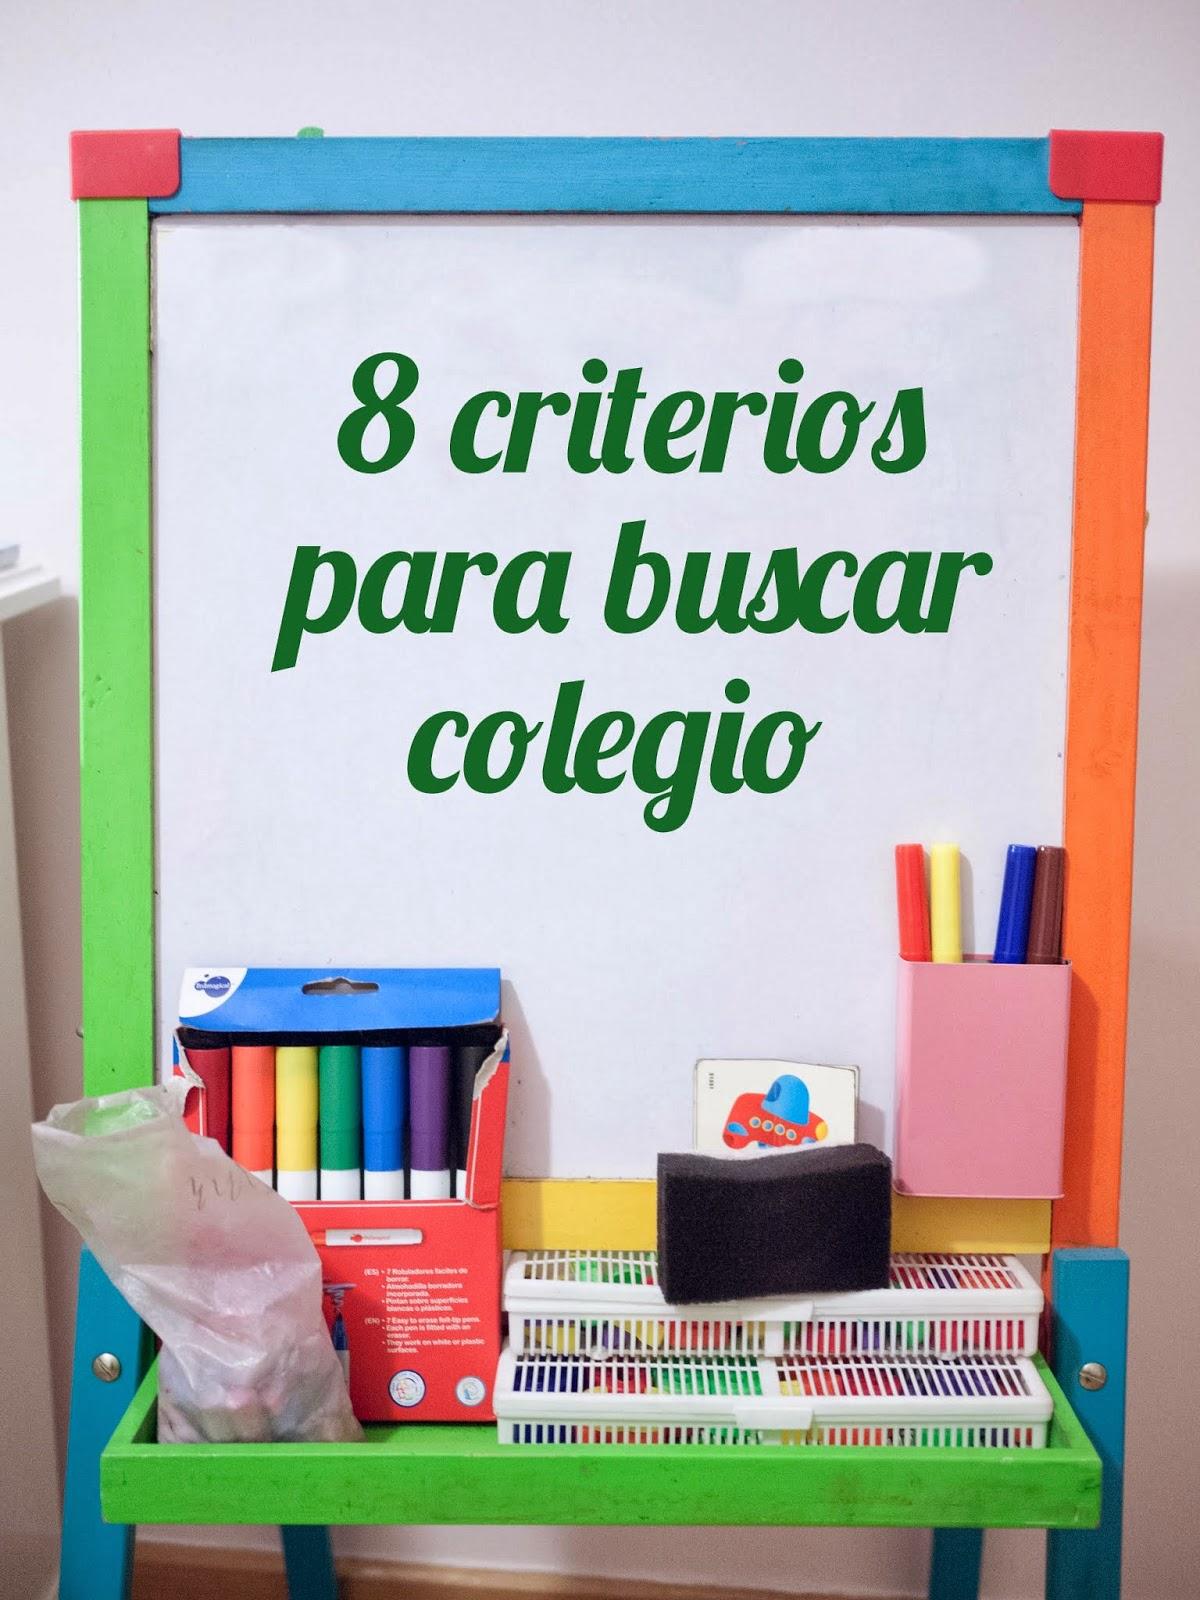 8 criterios a tener en cuenta para buscar colegio